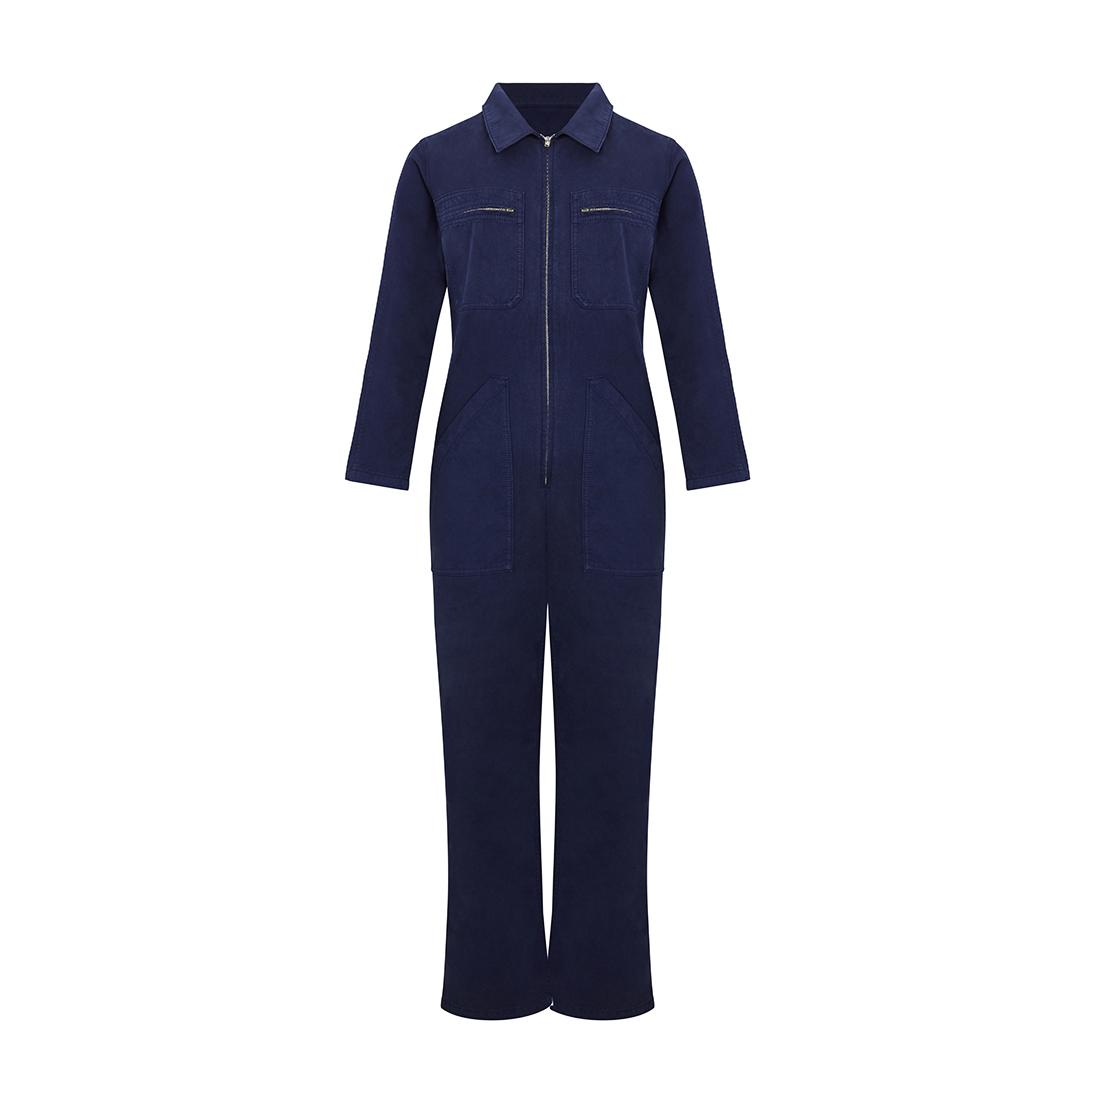 Jumpsuit, £55